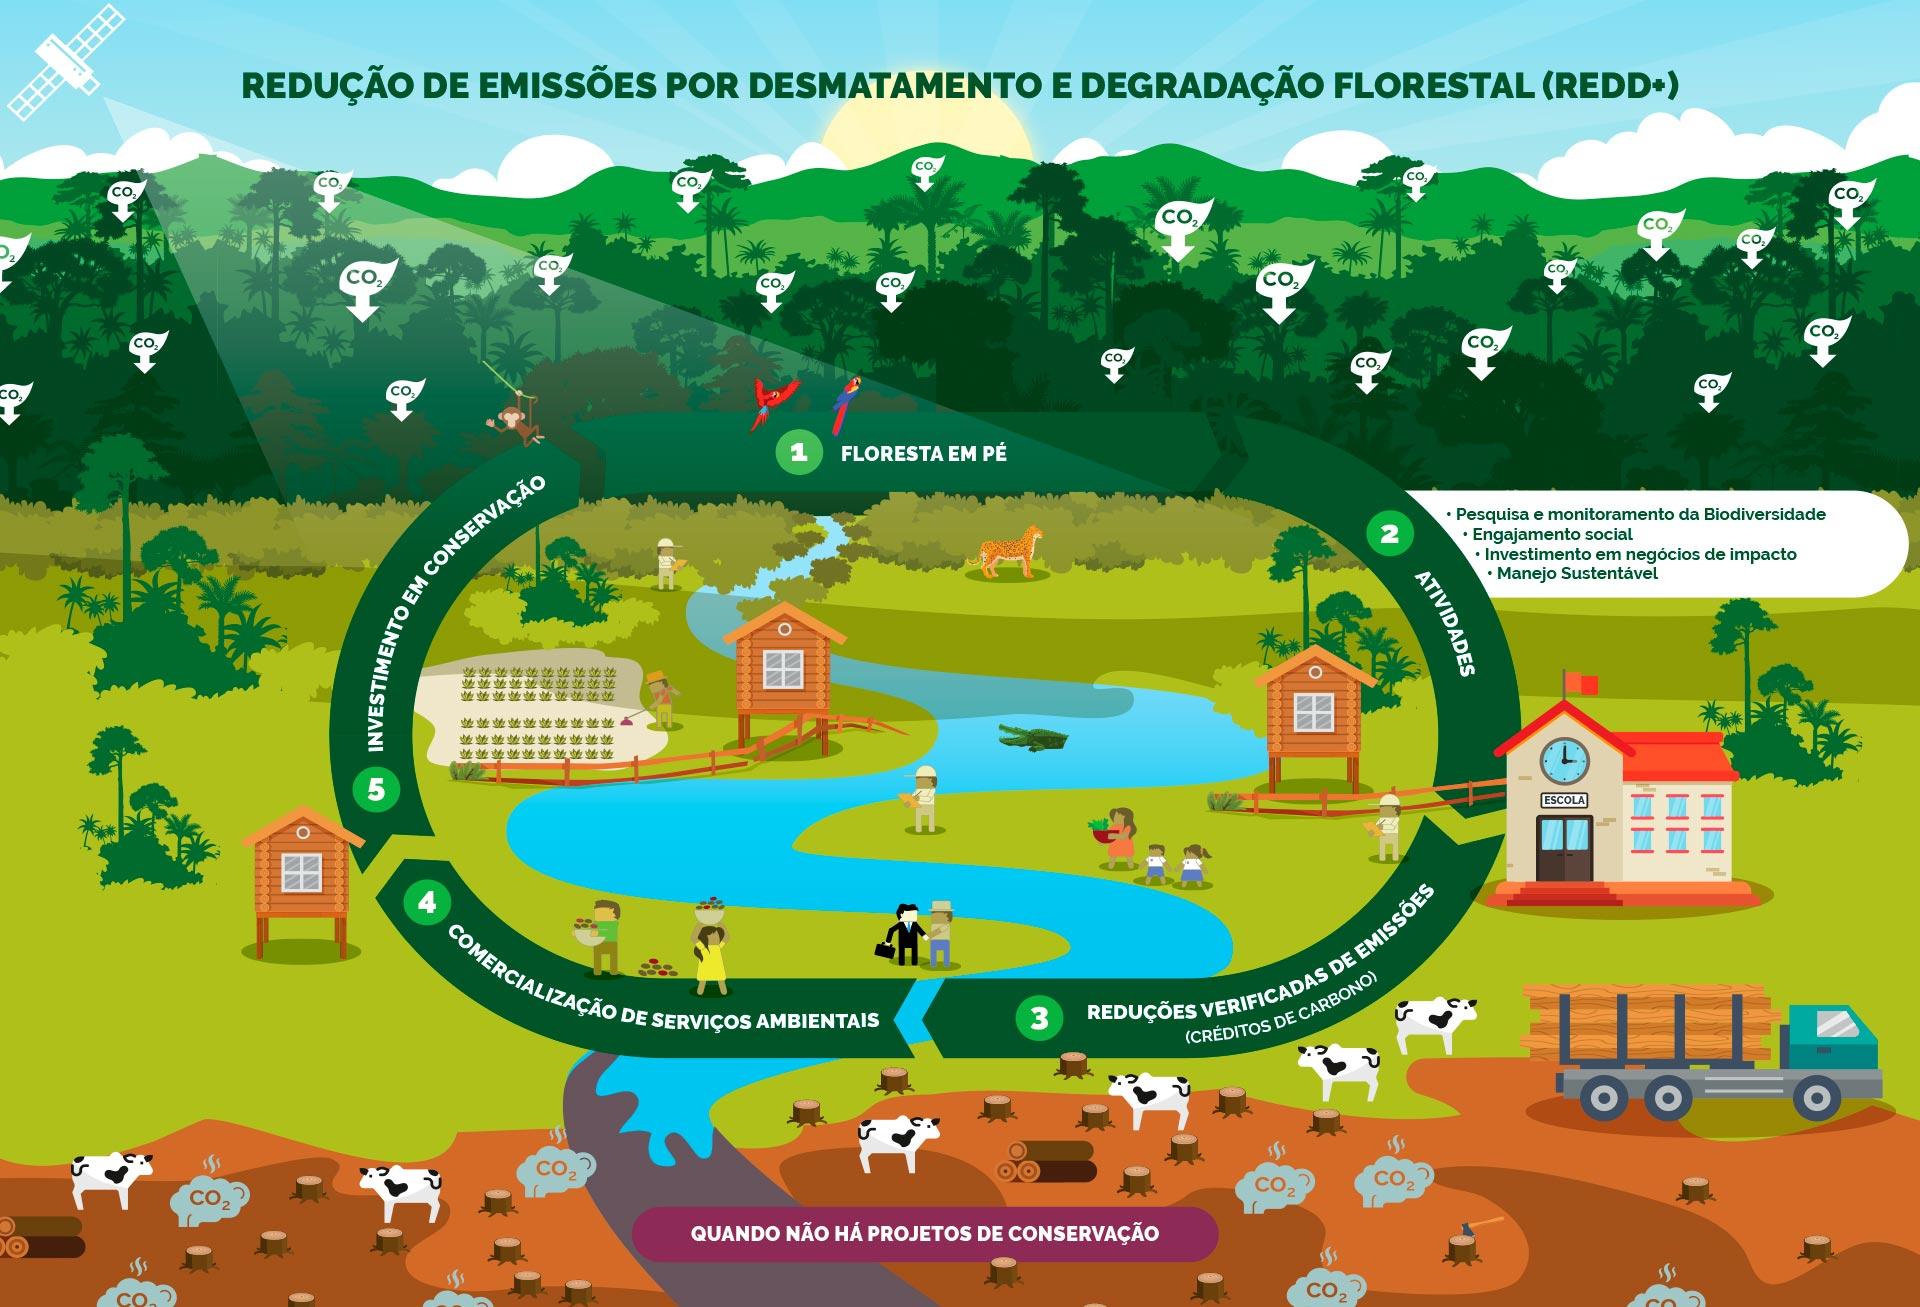 Redução de Emissões provenientes de Desmatamento e Degradação Florestal somado (+) a conservação dos estoques de carbono florestal, manejo sustentável de florestas e aumento dos estoques de carbono florestal.